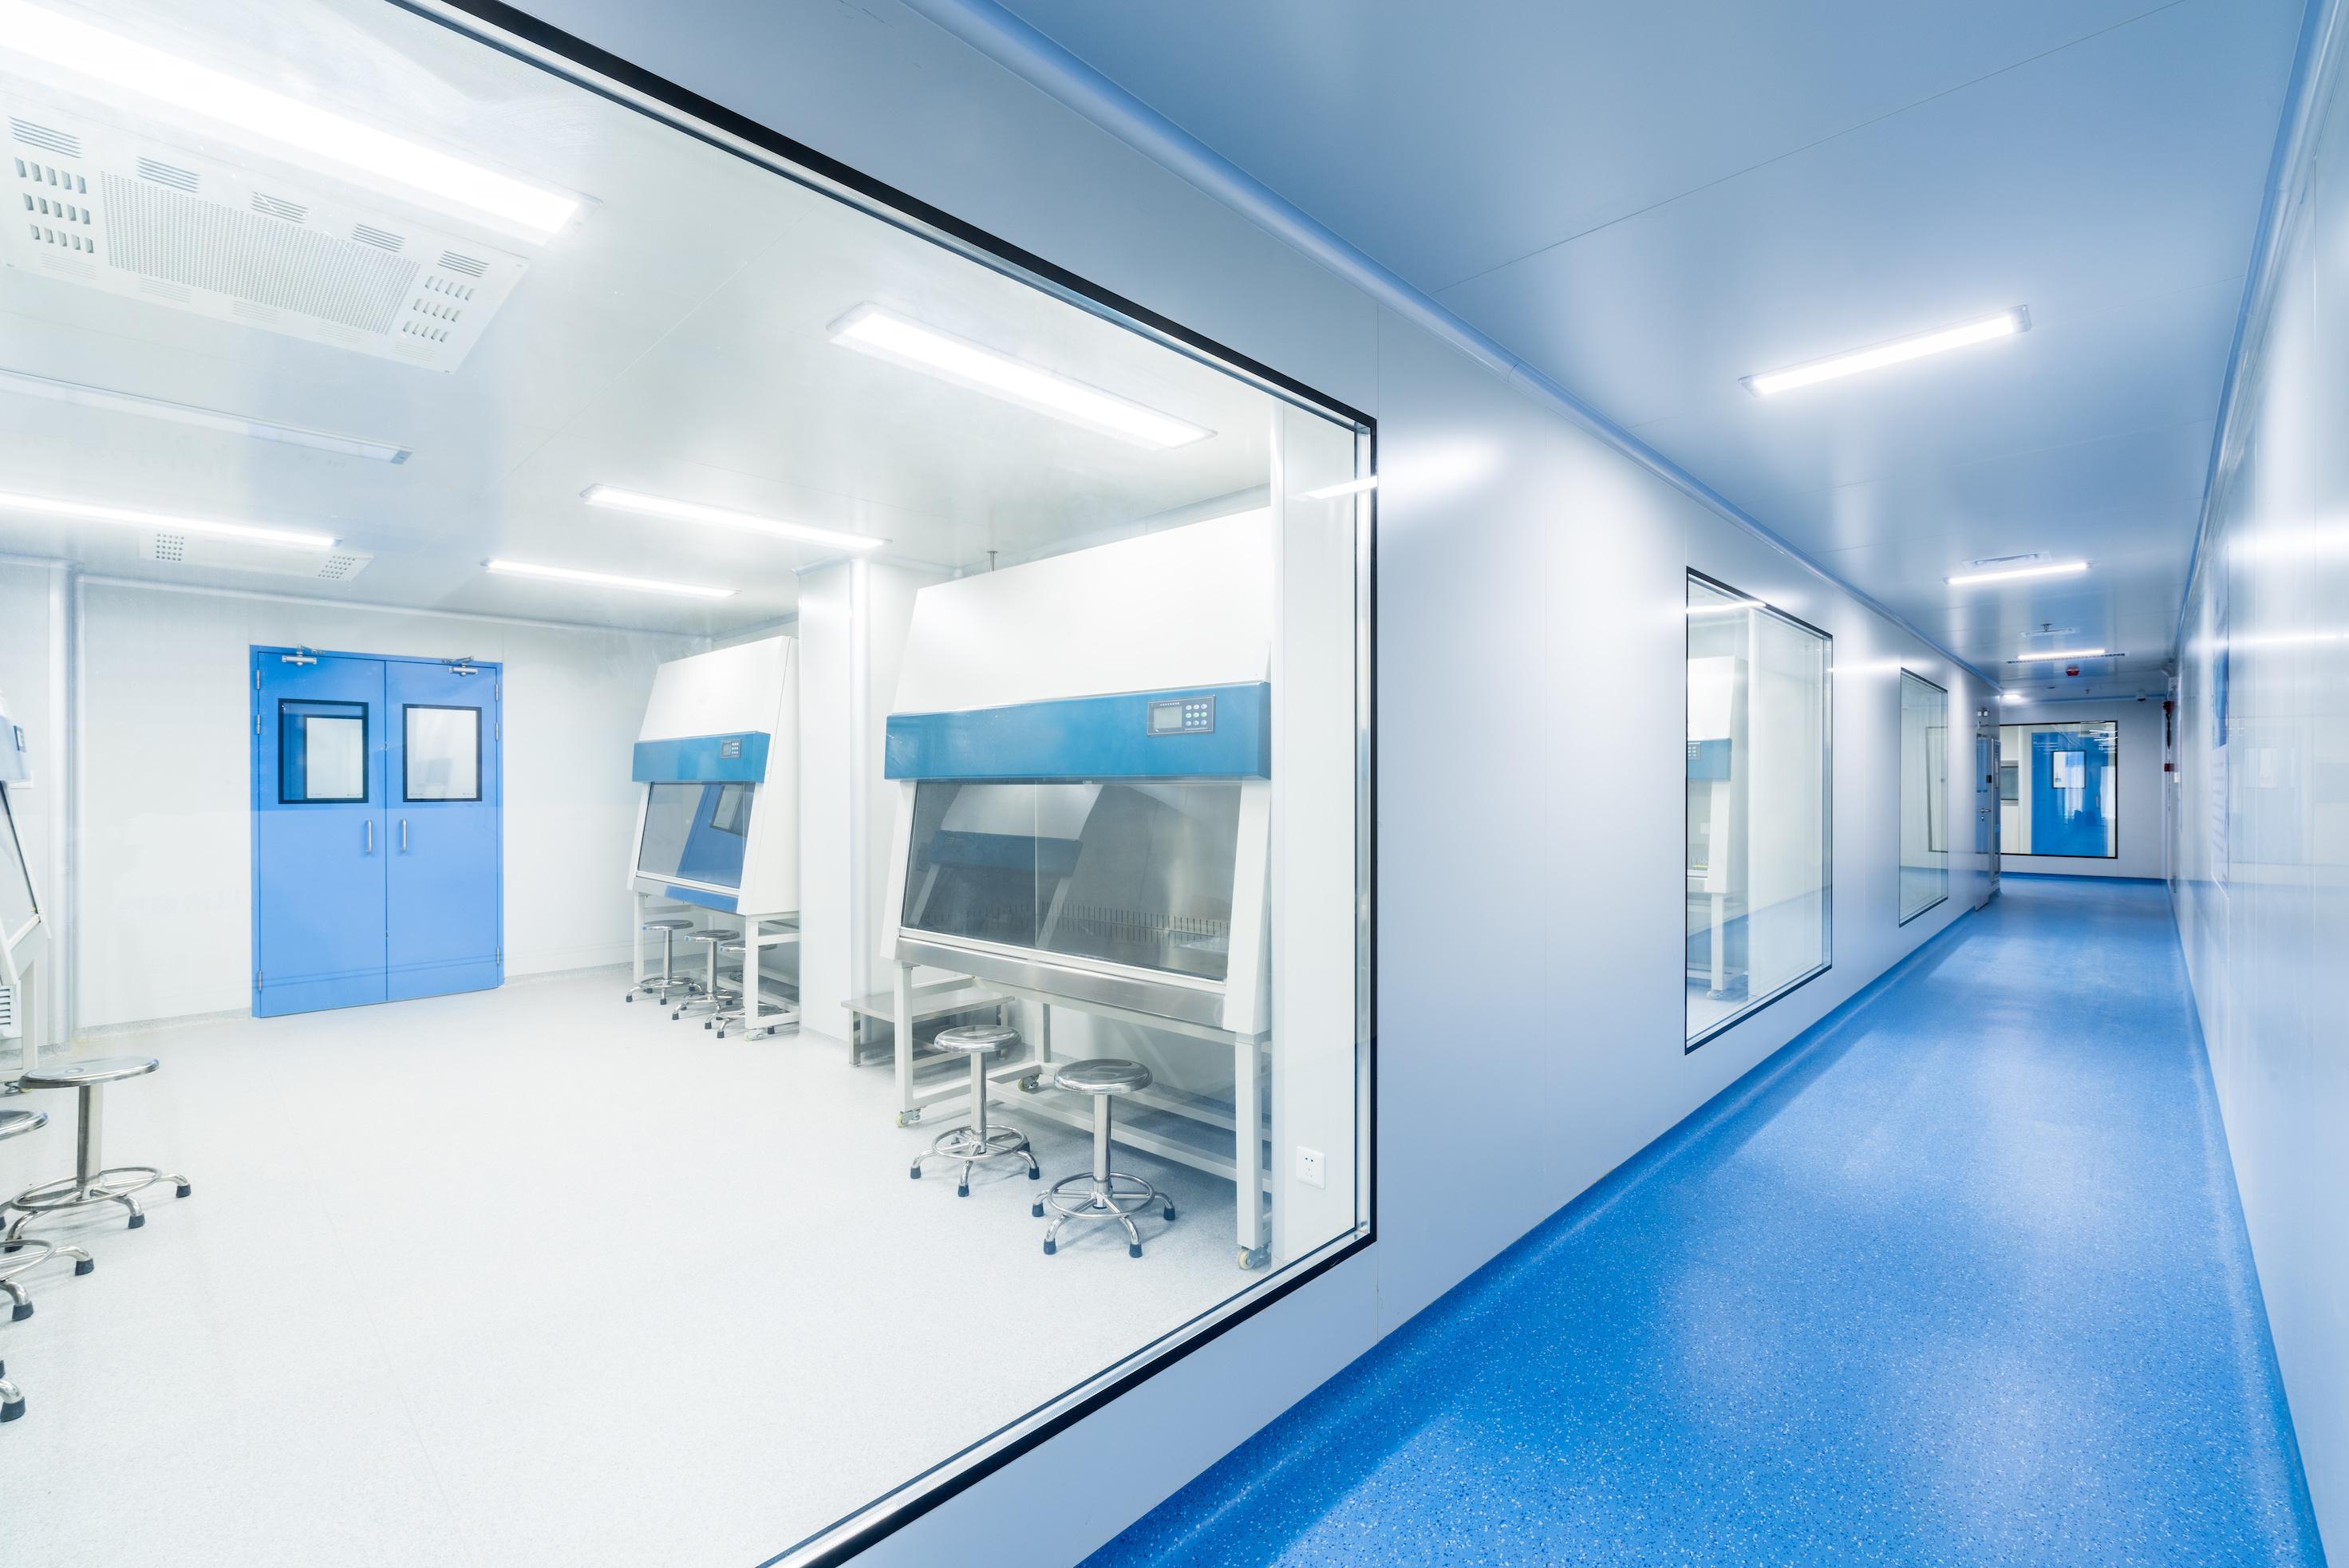 Ett CleanRoom, eller renrum, är ett rum eller en anläggning som vanligtvis används iförbindelse till specialiserad industriell produktion eller vetenskapligforskning.